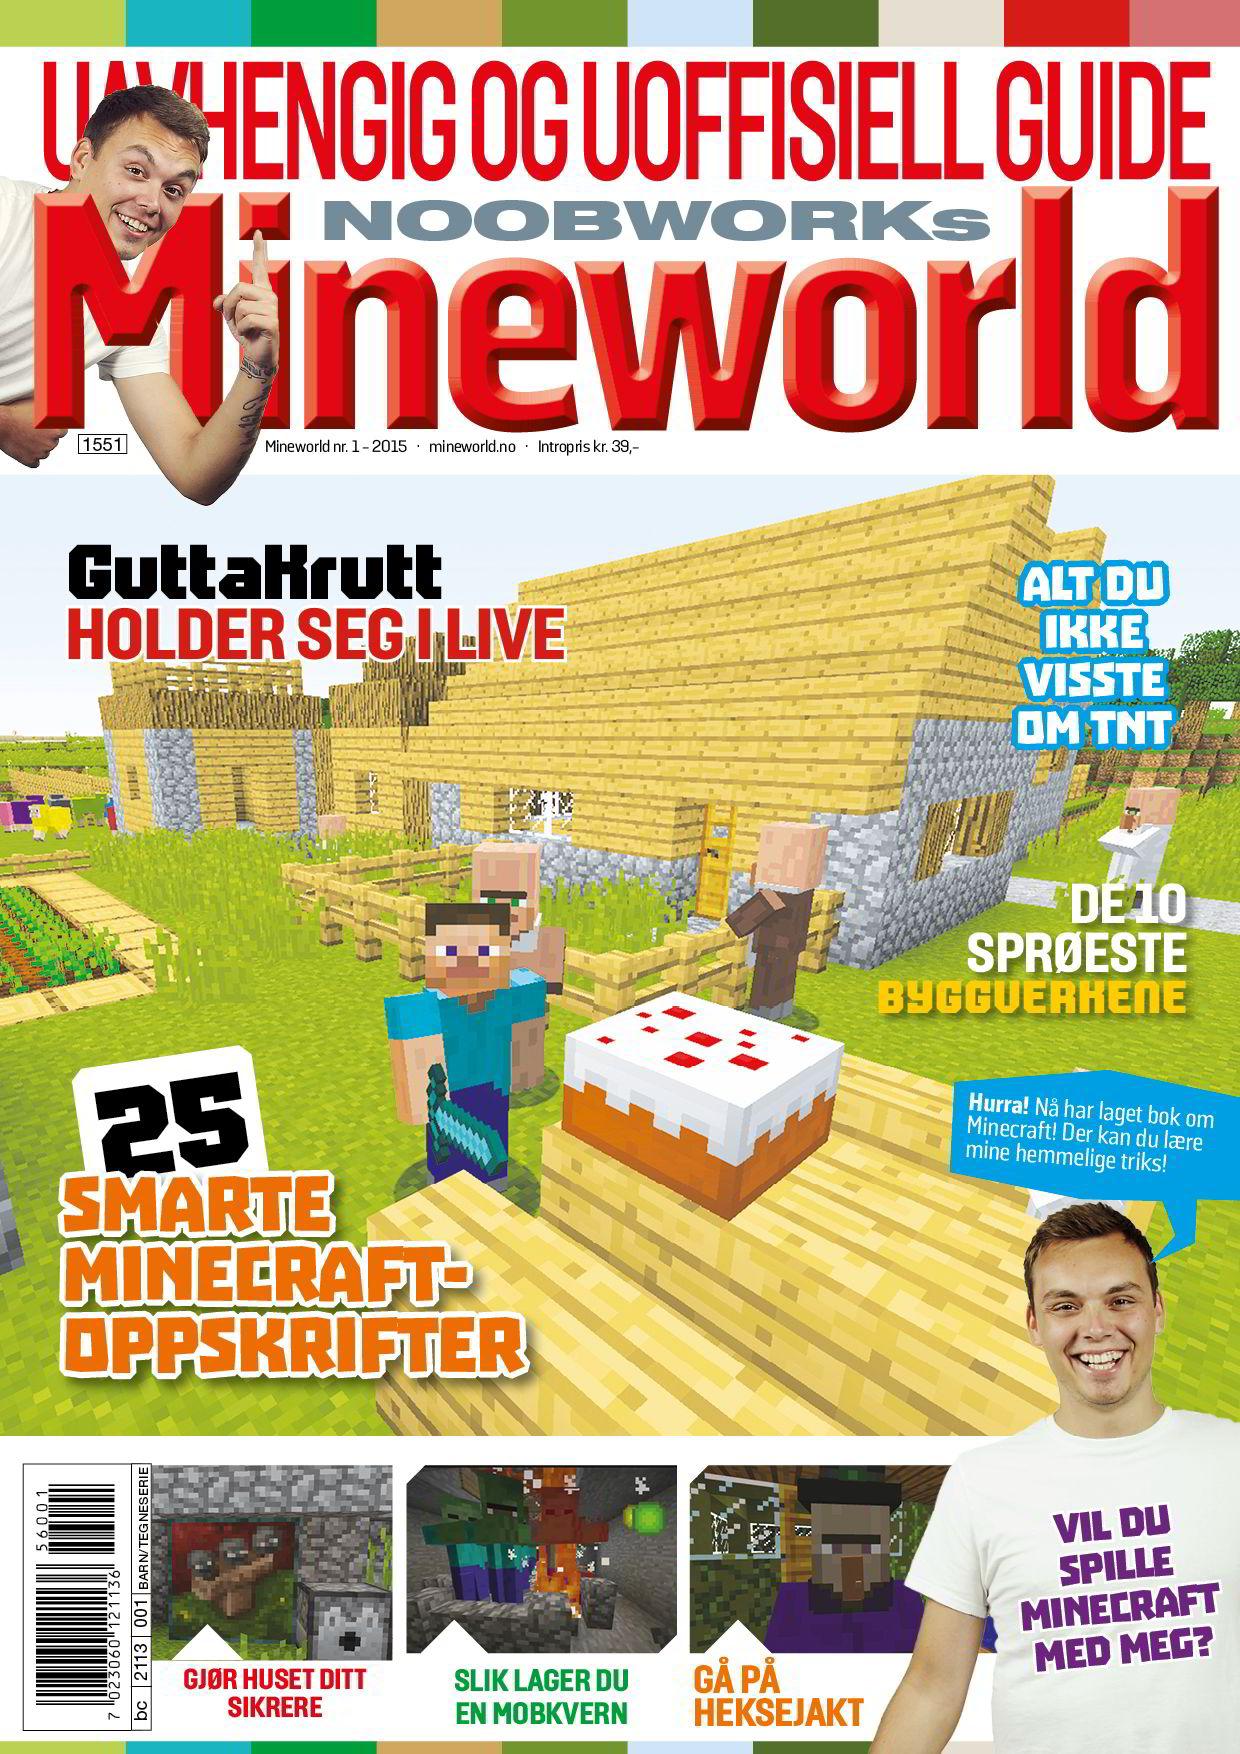 Joachim Haraldsen gir ut et månedlig magasin som i hovedsak handler om ham og dataspillet Minecraft.